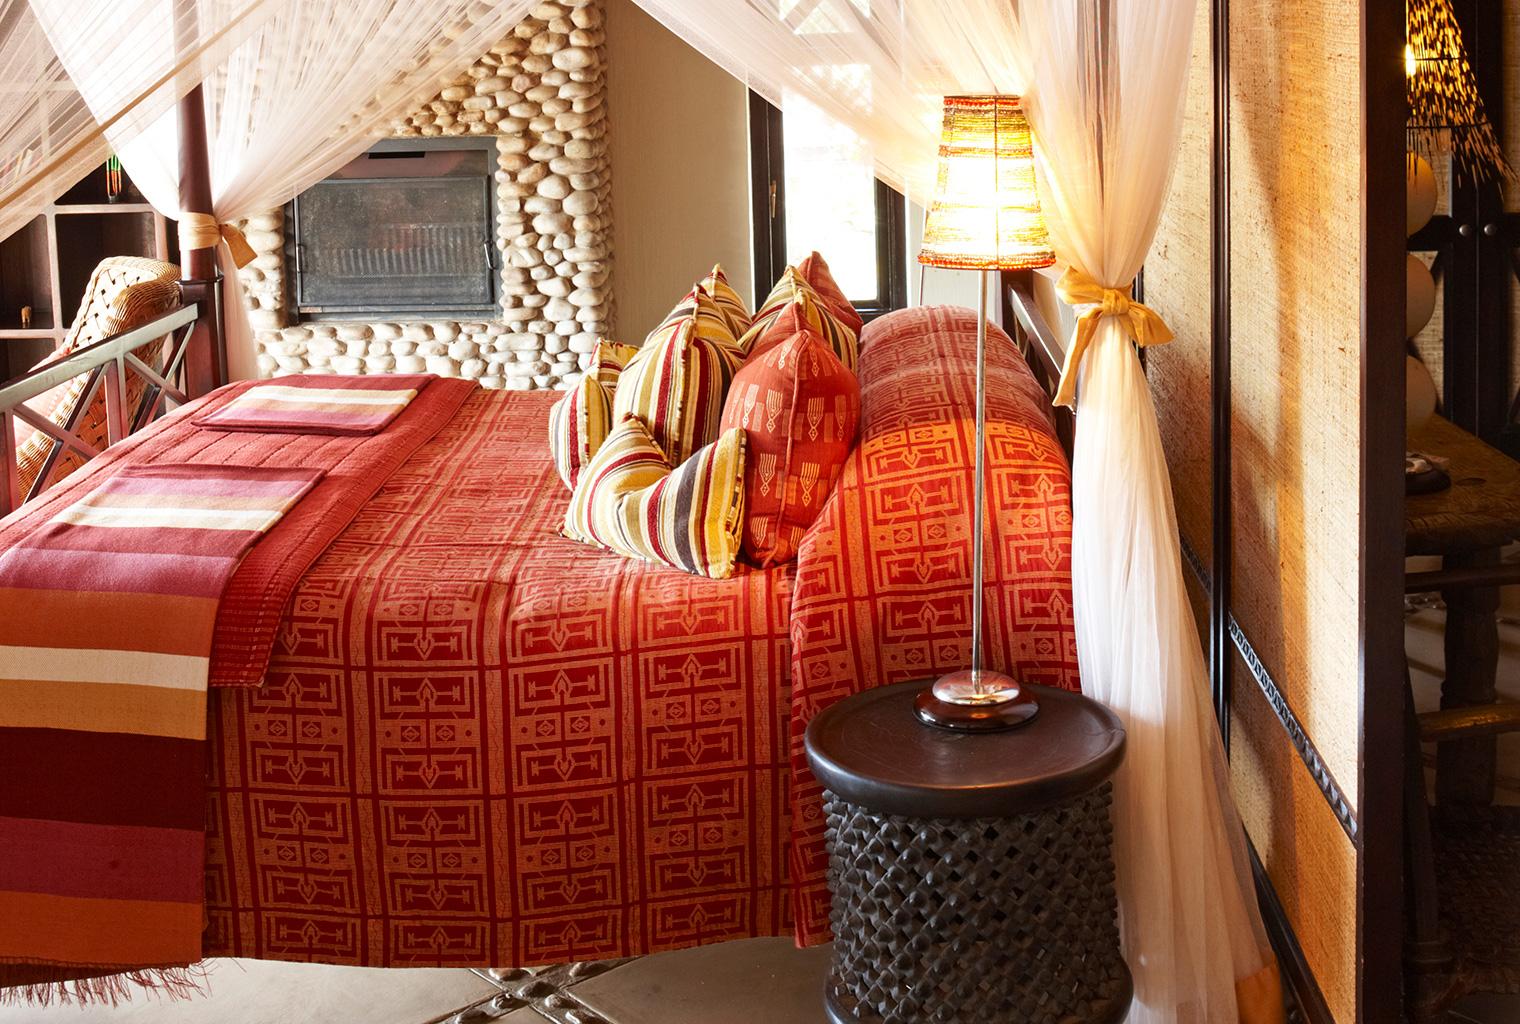 Thanda-Villa-Izulu-South-Africa-Bedroom